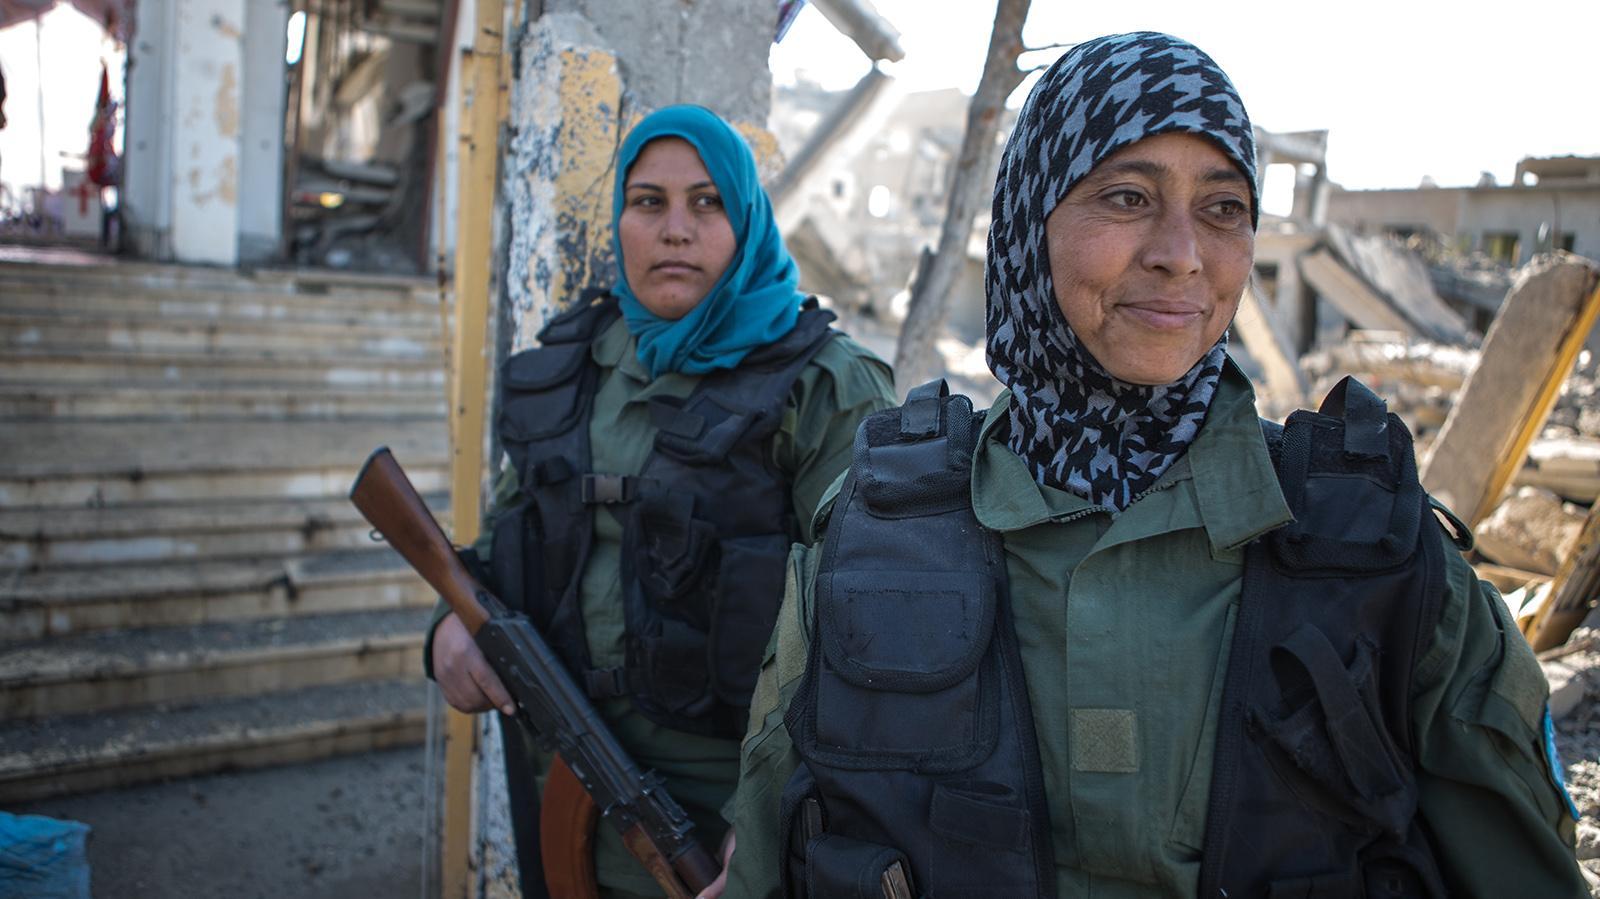 Život v Rakká dva měsíce po osvobození od IS